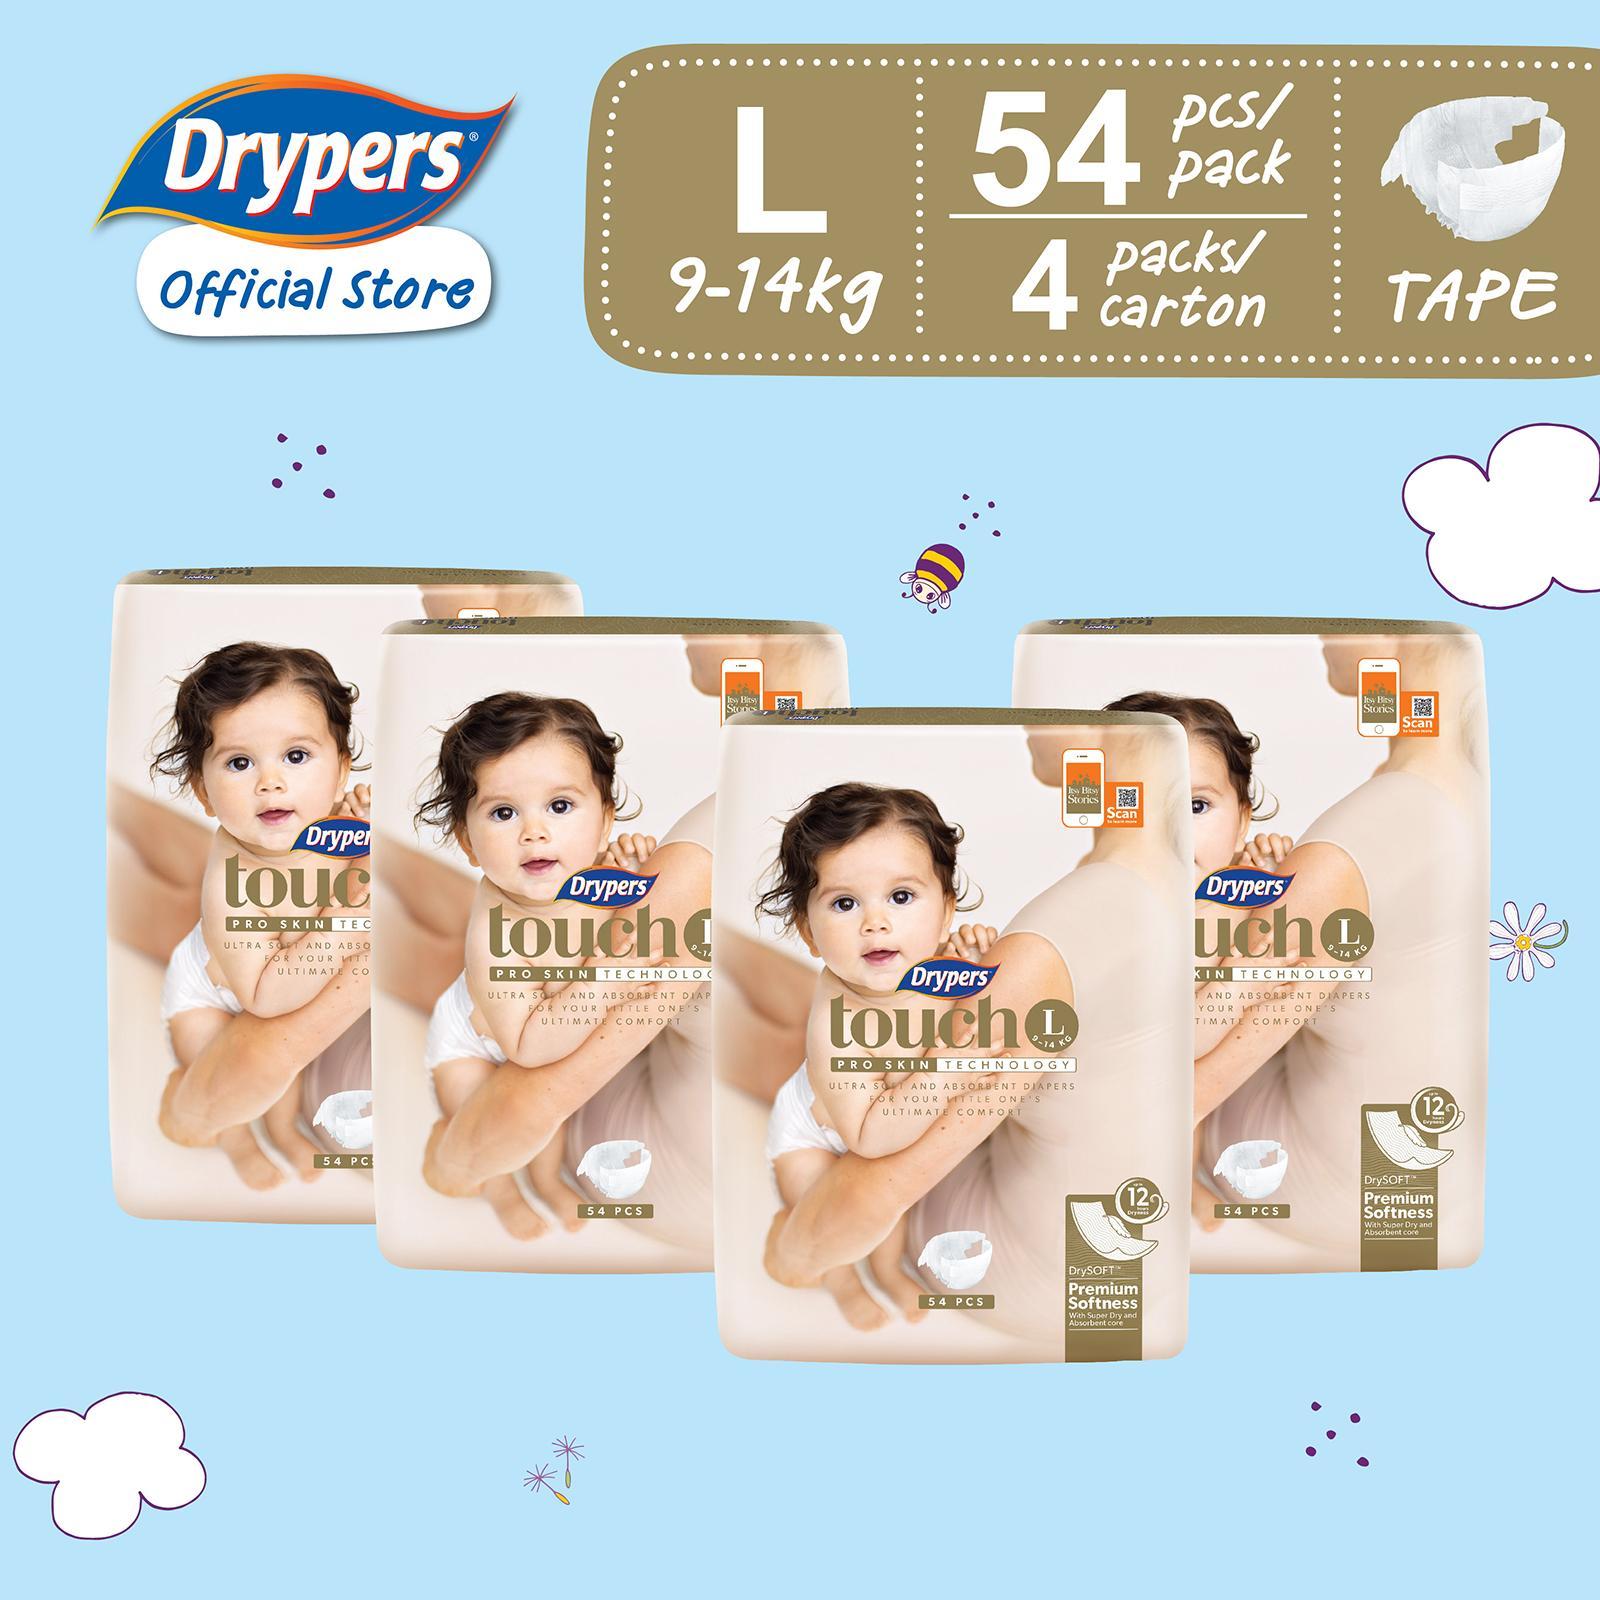 Drypers Touch L (9 - 14kg) 54s x 4 packs 216pcs